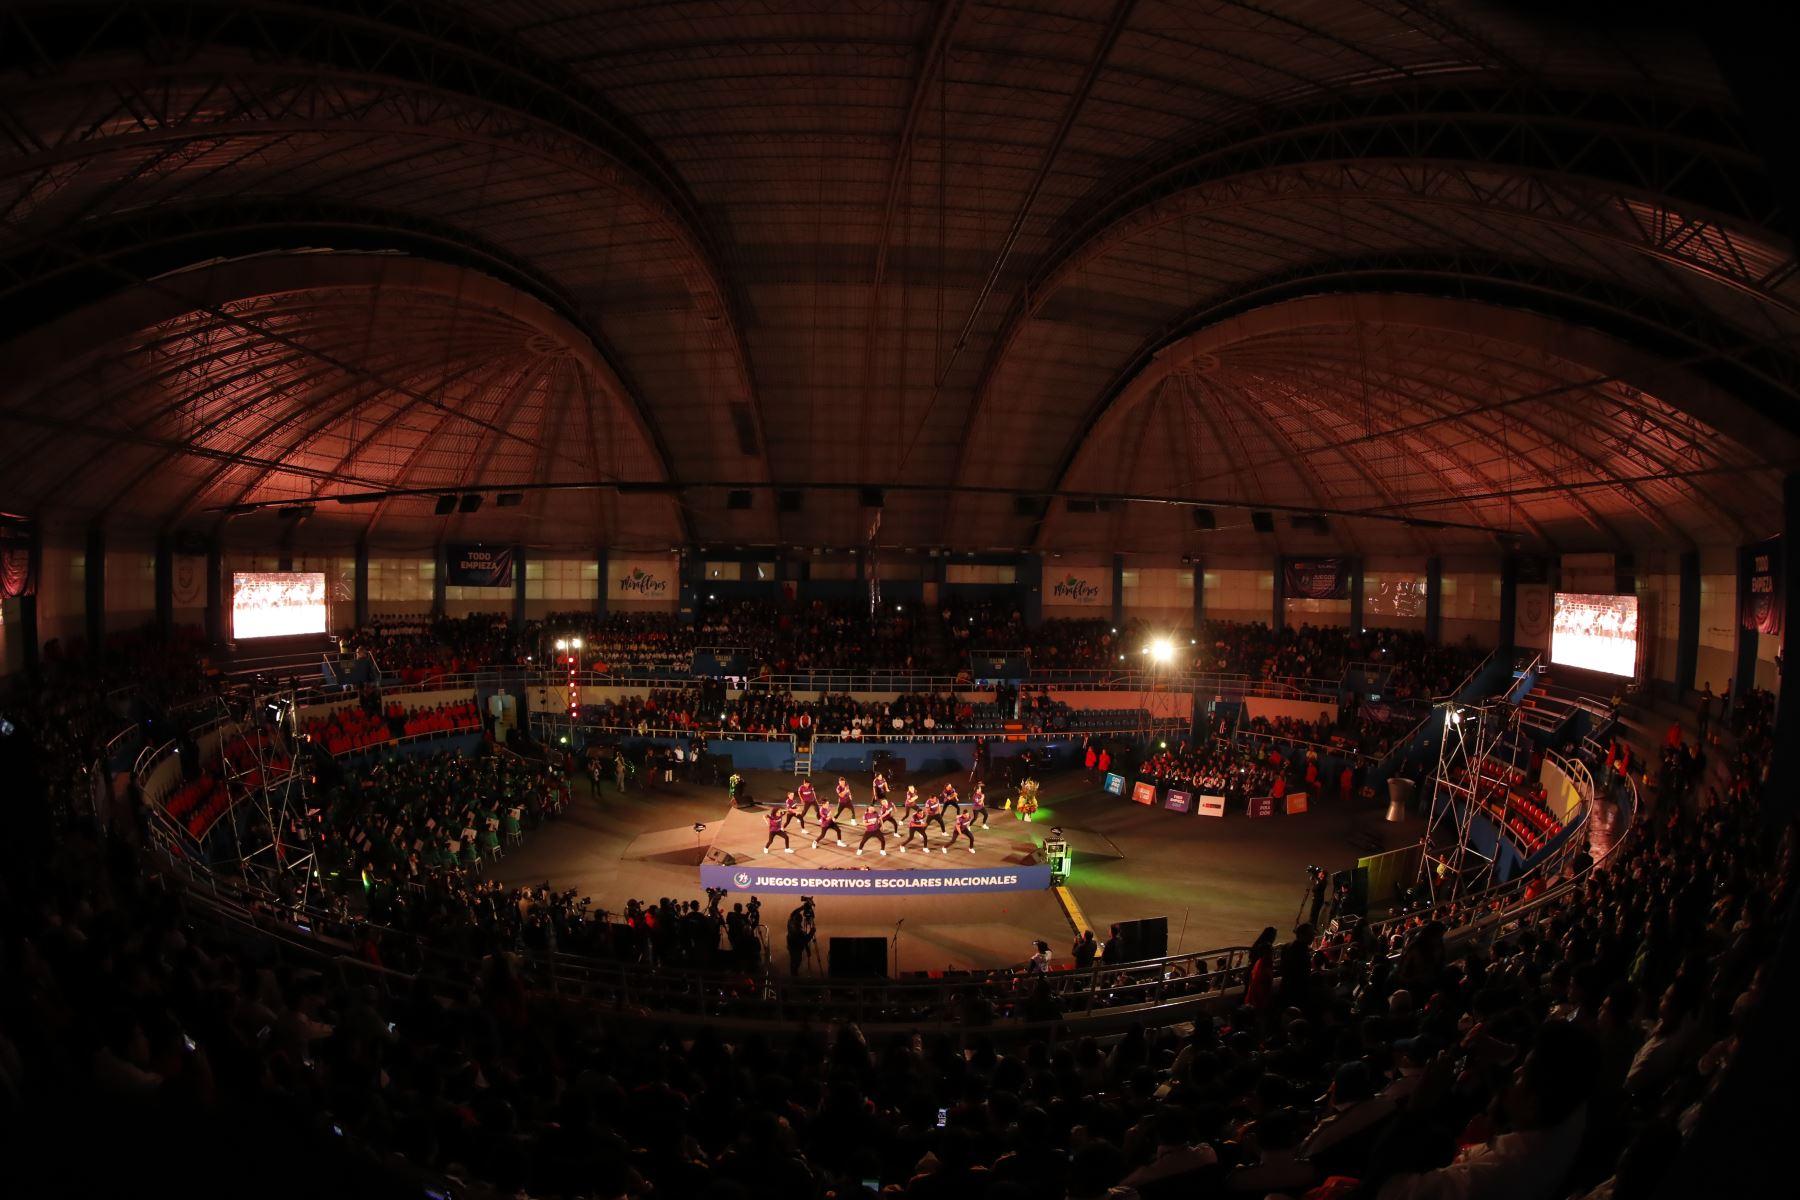 Ceremonia de inauguración de los  XXVII Juegos Deportivos Escolares Nacionales 2019, en el Coliseo Bonilla de Miraflores. Foto:ANDINA/Renato Pajuelo